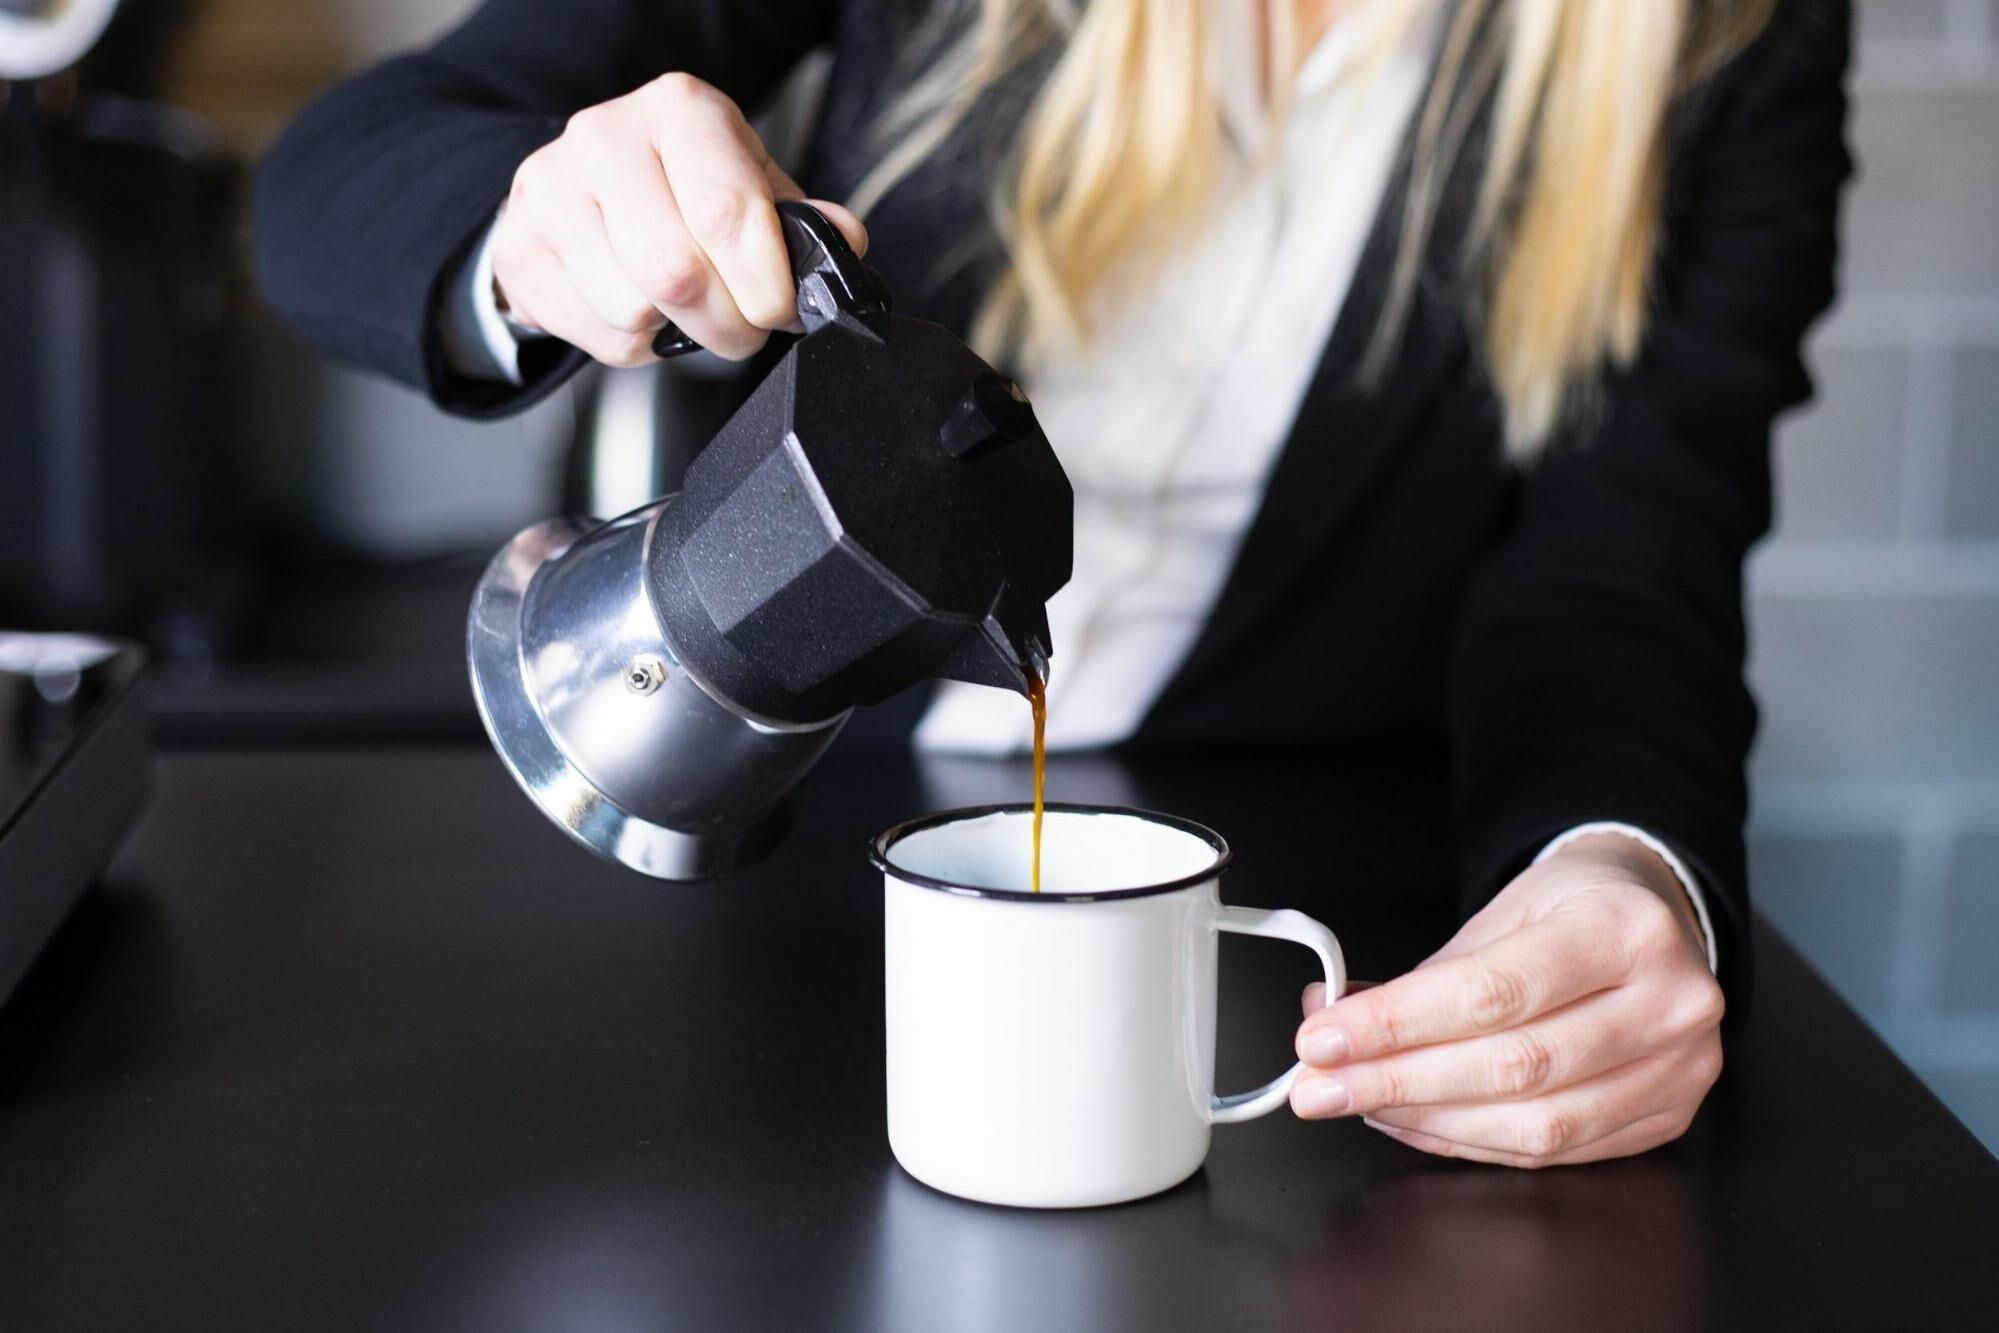 Jó kávé, otthon, kotyogóssal is elkészíthető